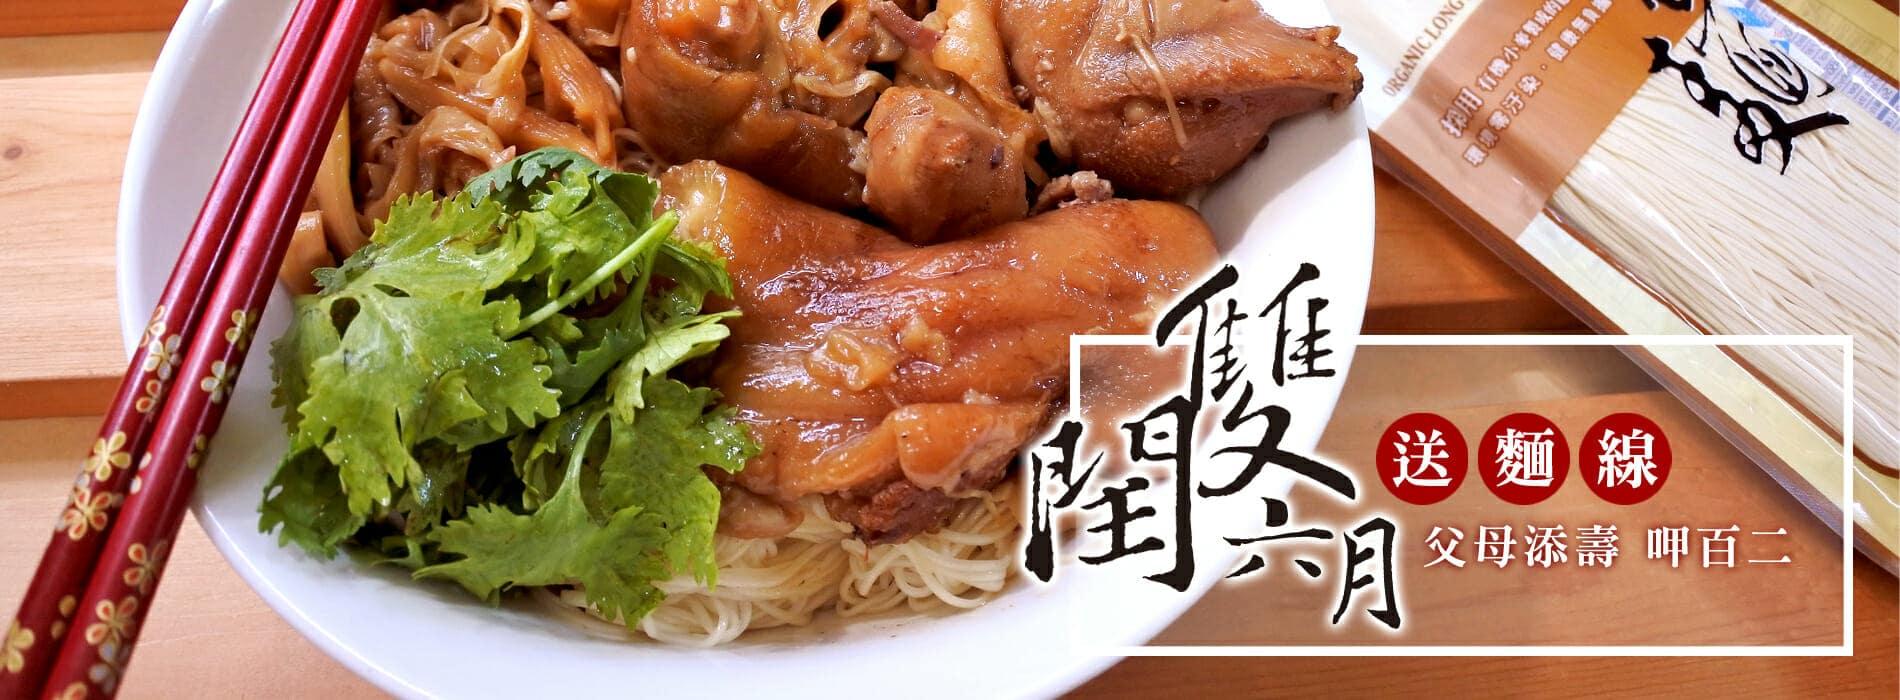 【閏月好食禮】閏年麵線、禮盒推薦 - 8